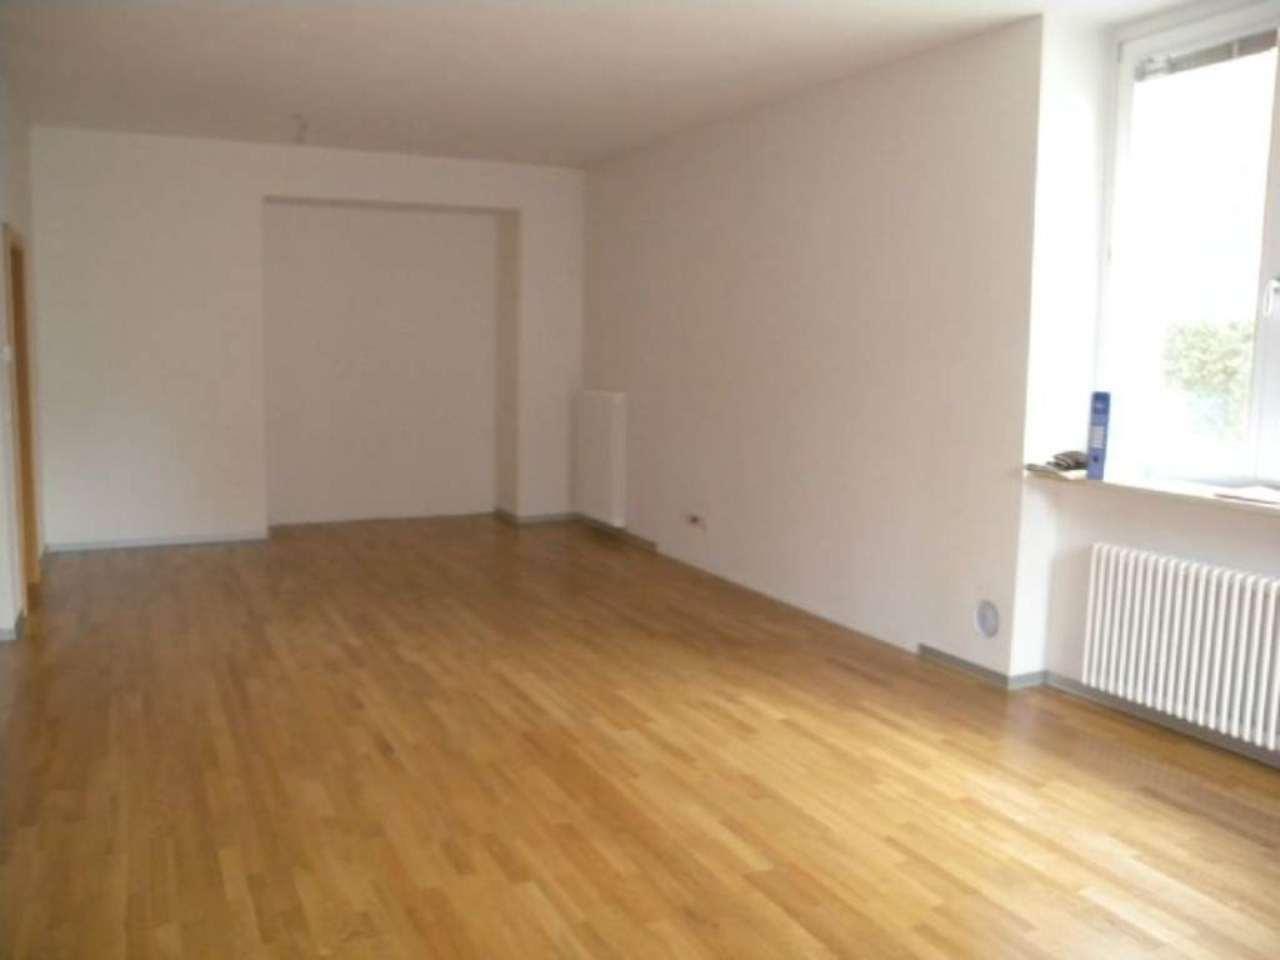 Ufficio / Studio in vendita a Merano, 1 locali, prezzo € 160.000 | Cambio Casa.it